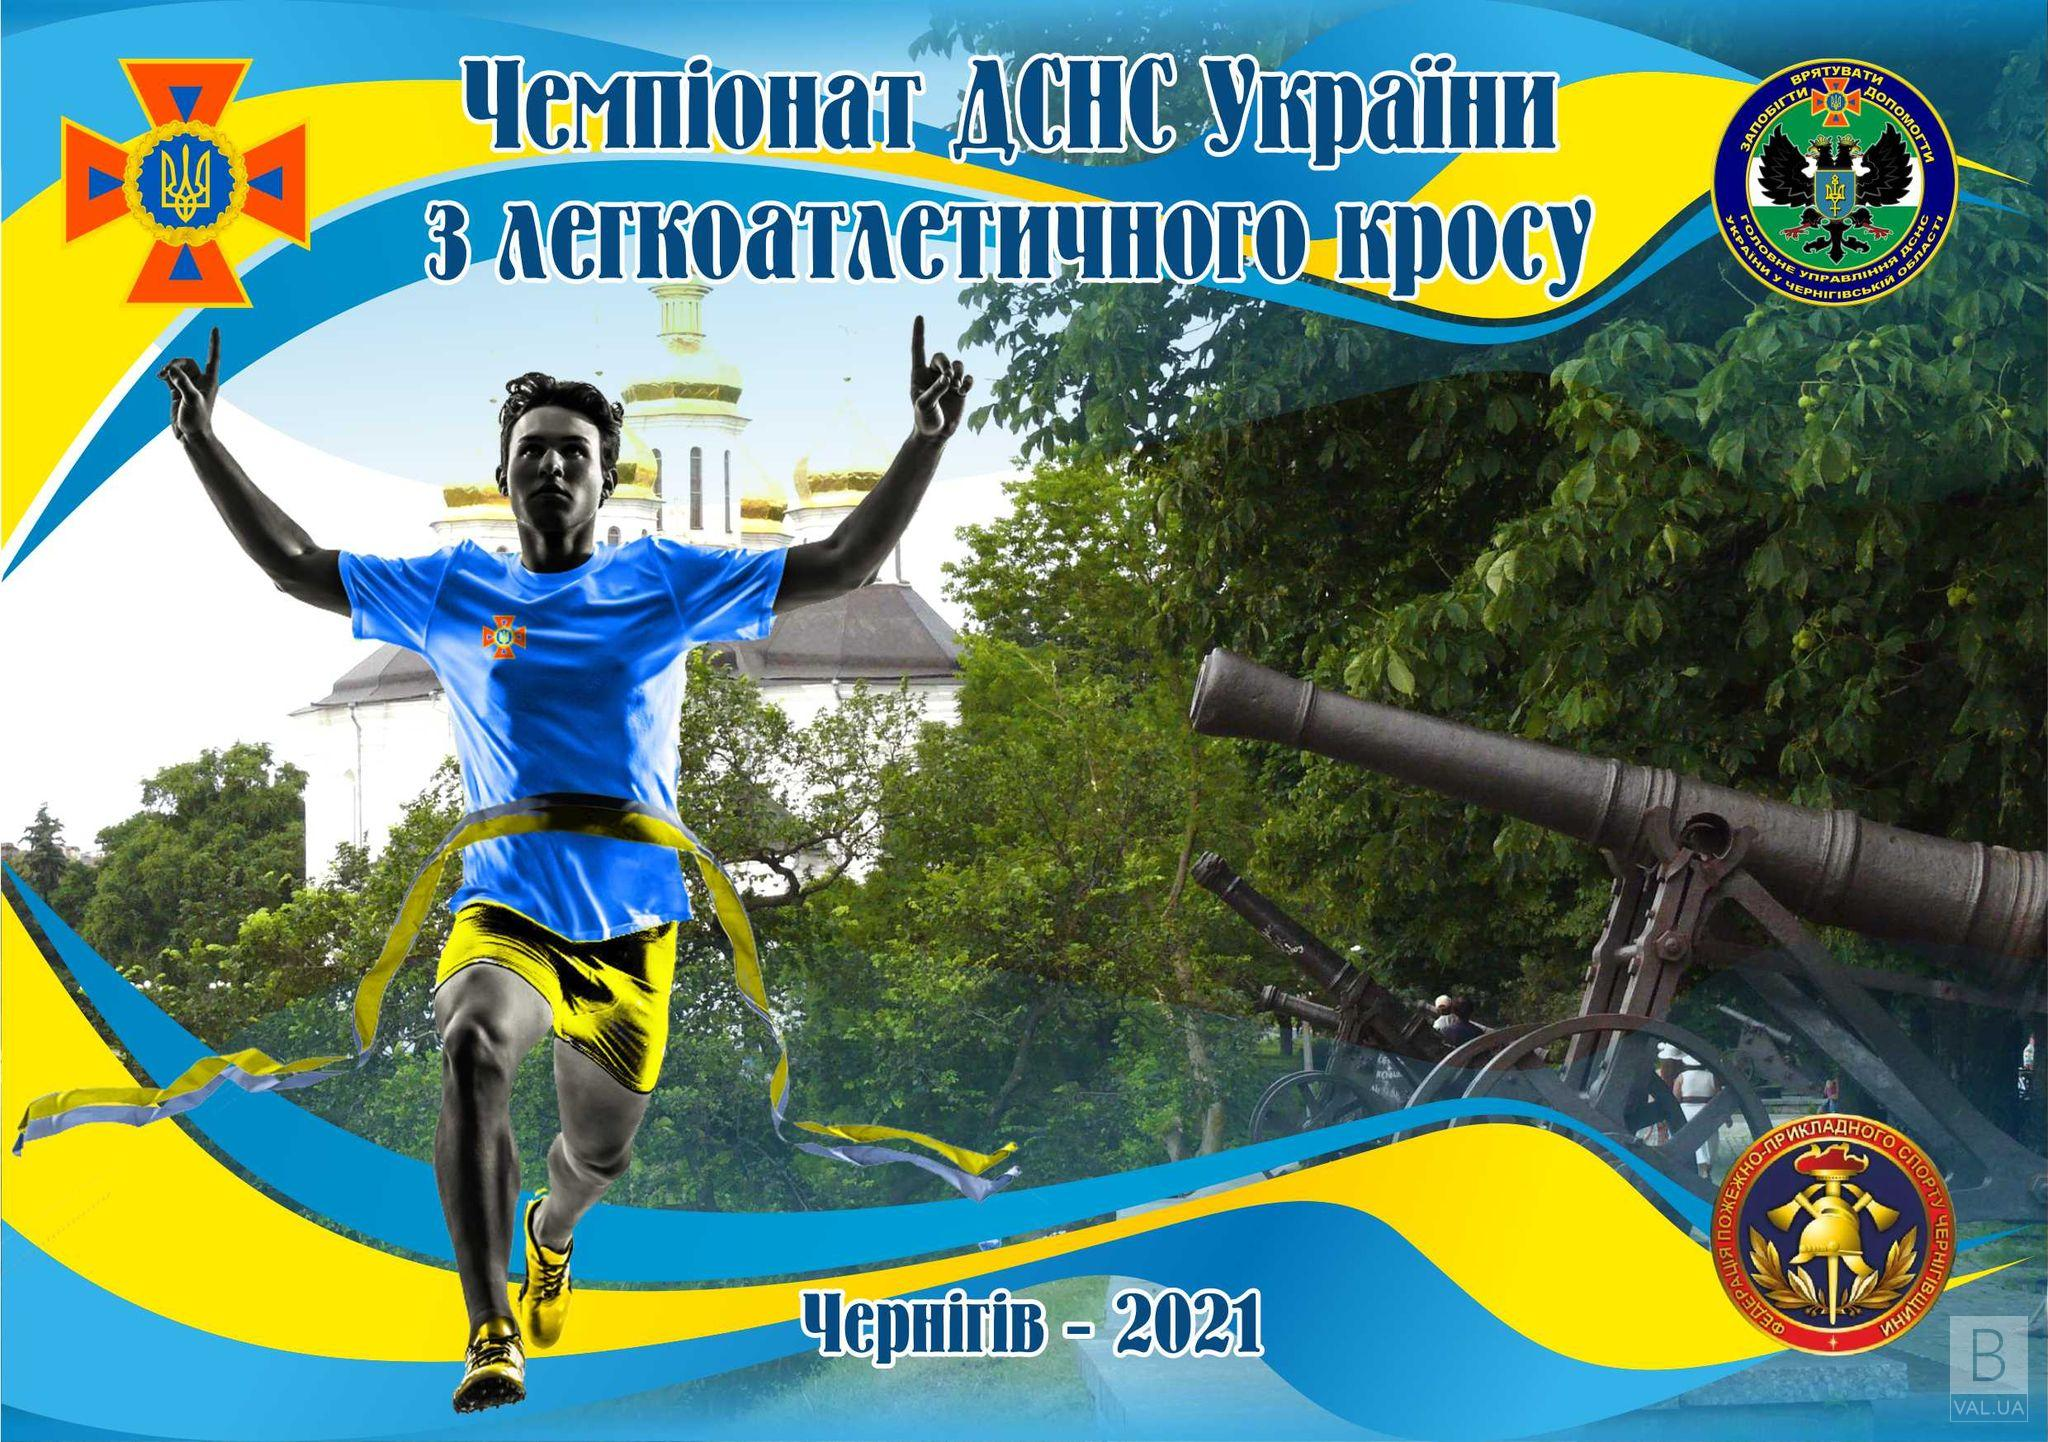 У Чернігові відбудеться Чемпіонат ДСНС України з легкоатлетичного кросу